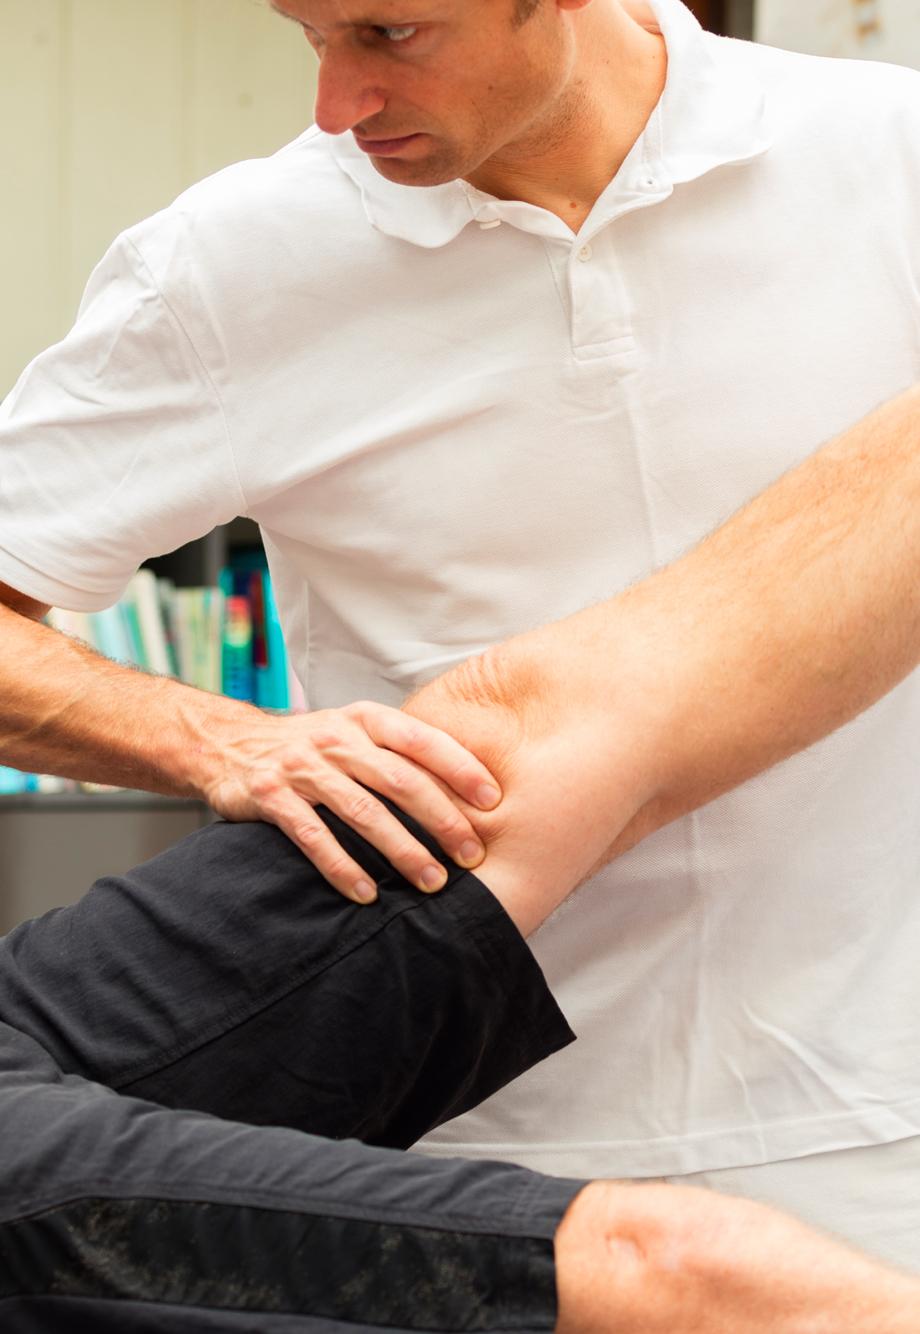 TSK-Orthopedic-needles-large